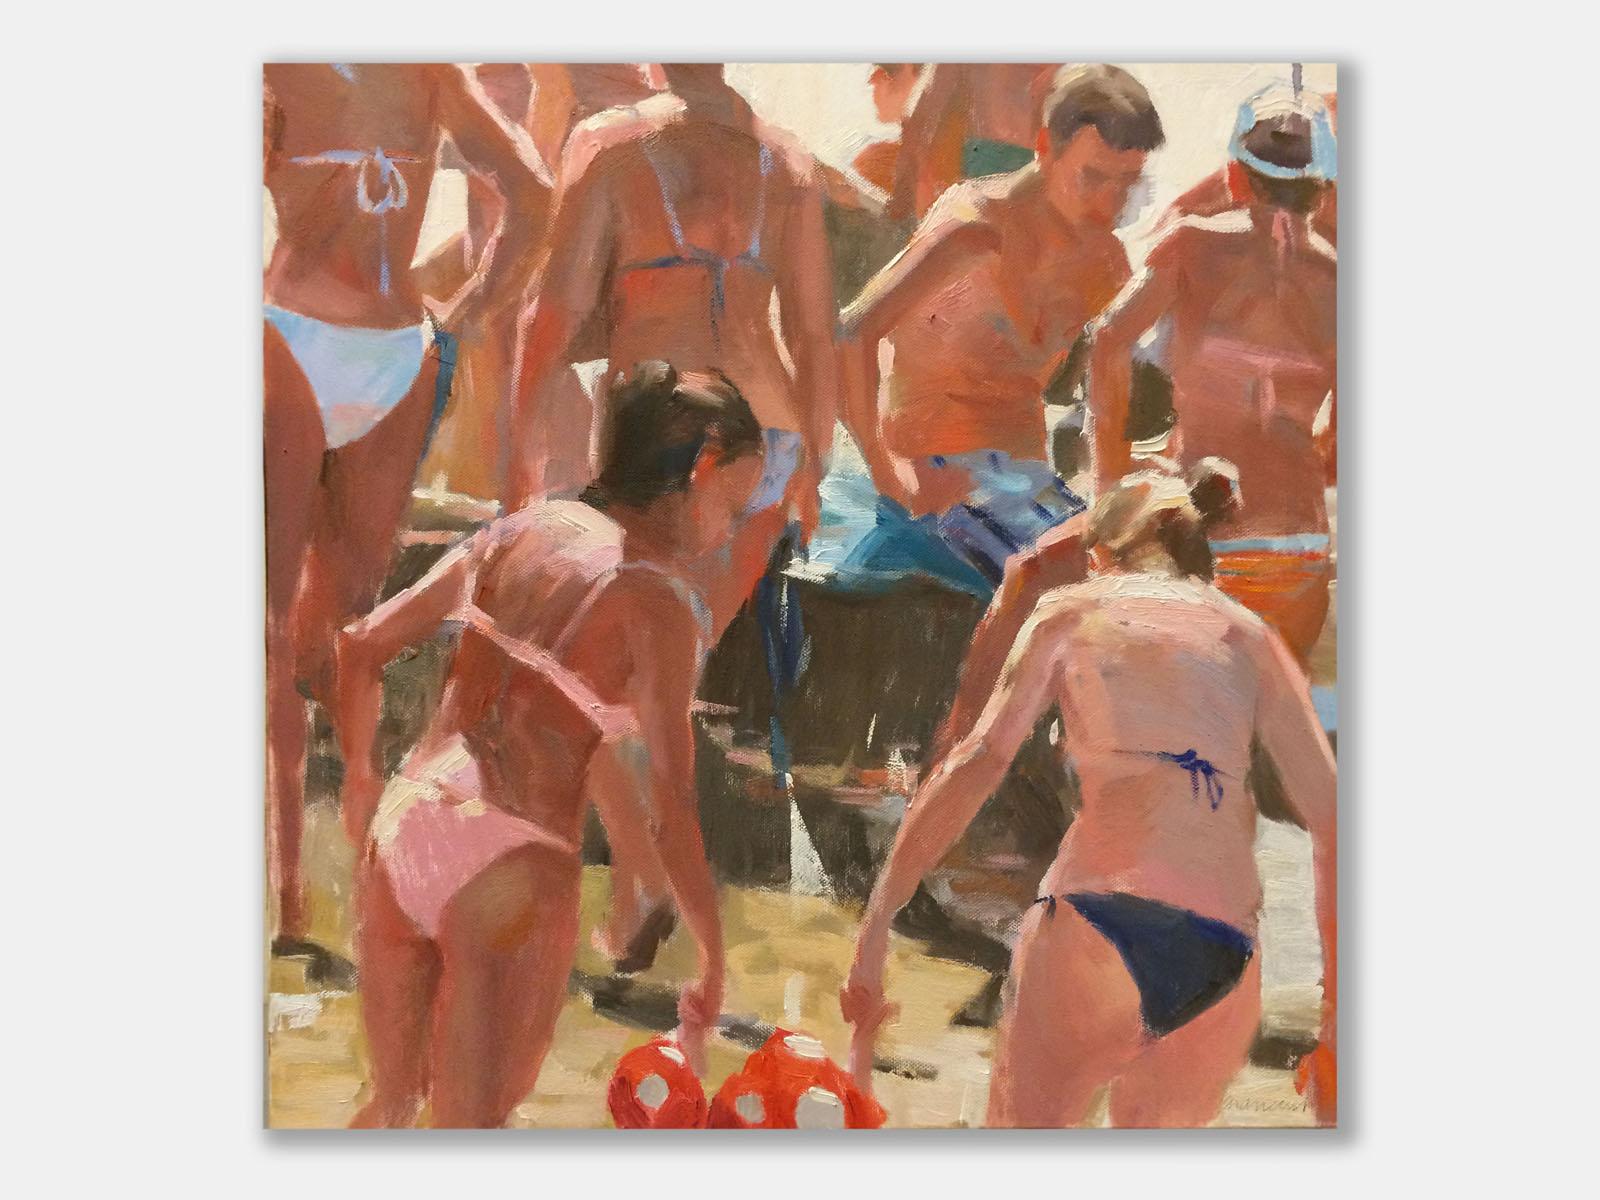 Andrea Mancini bagnanti 01616 Devozione e speranza 2014 olio 50x50